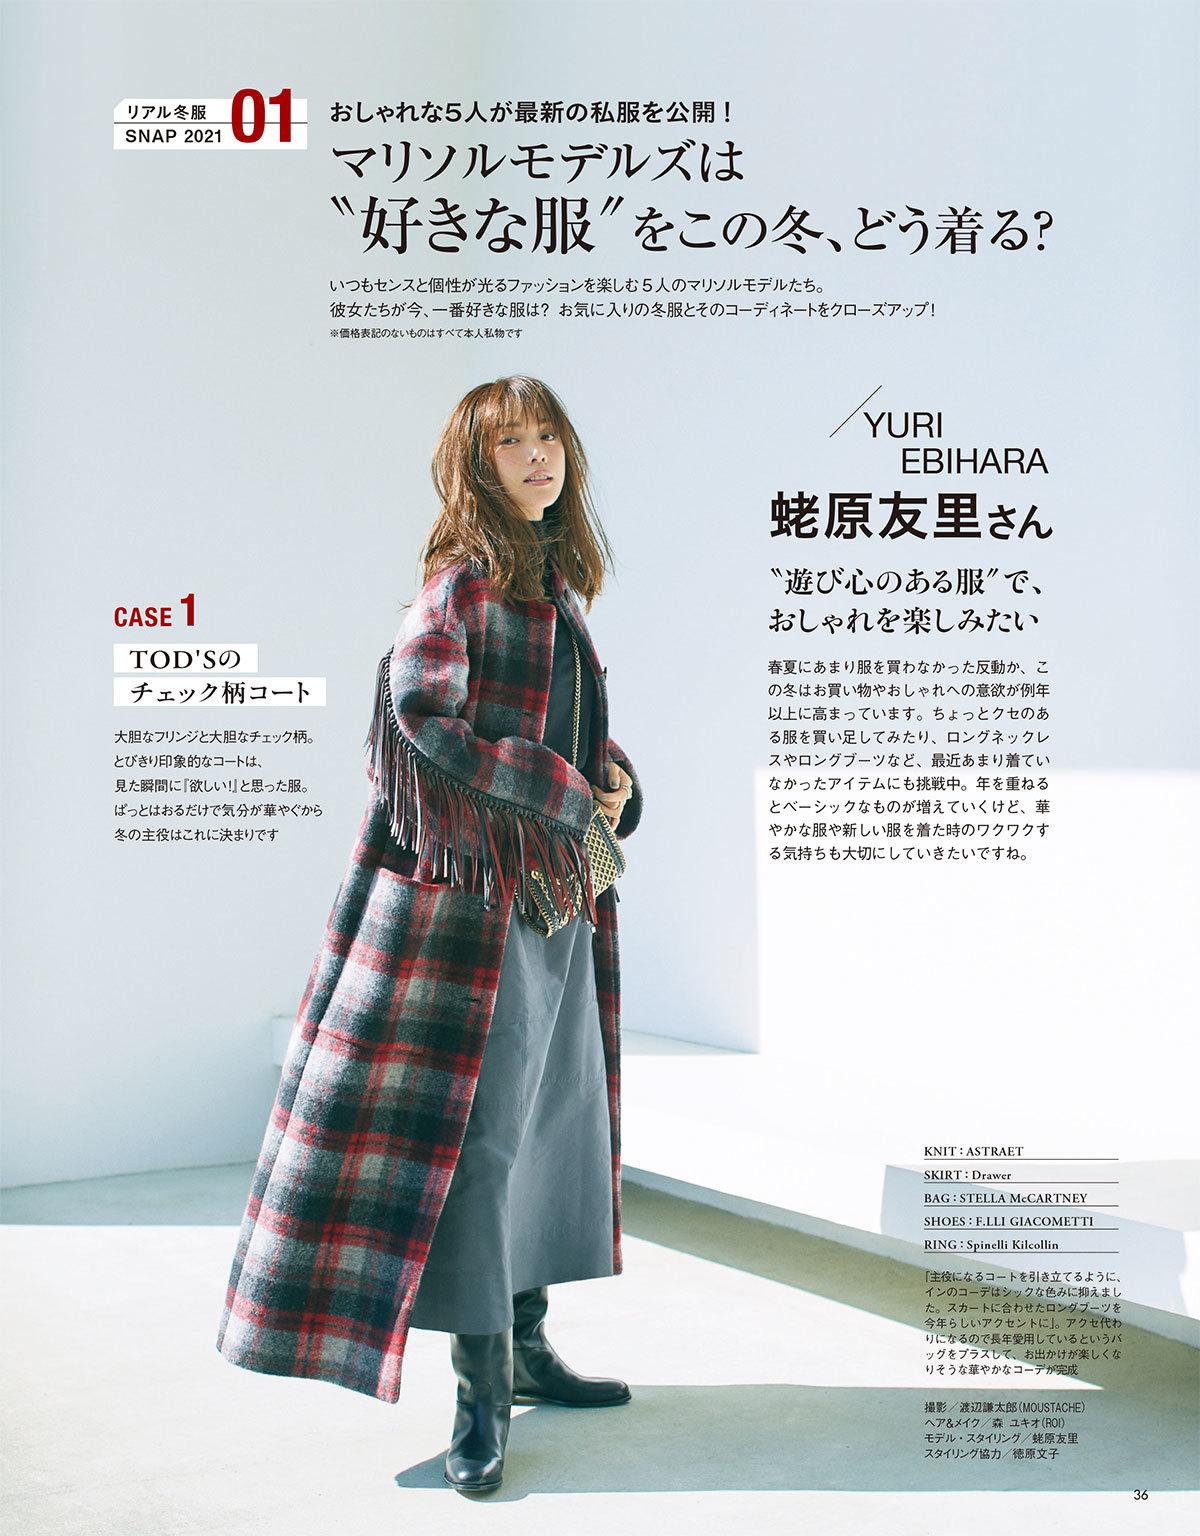 """マリソル モデルズは""""好きな服""""をこの冬、どう着る?"""